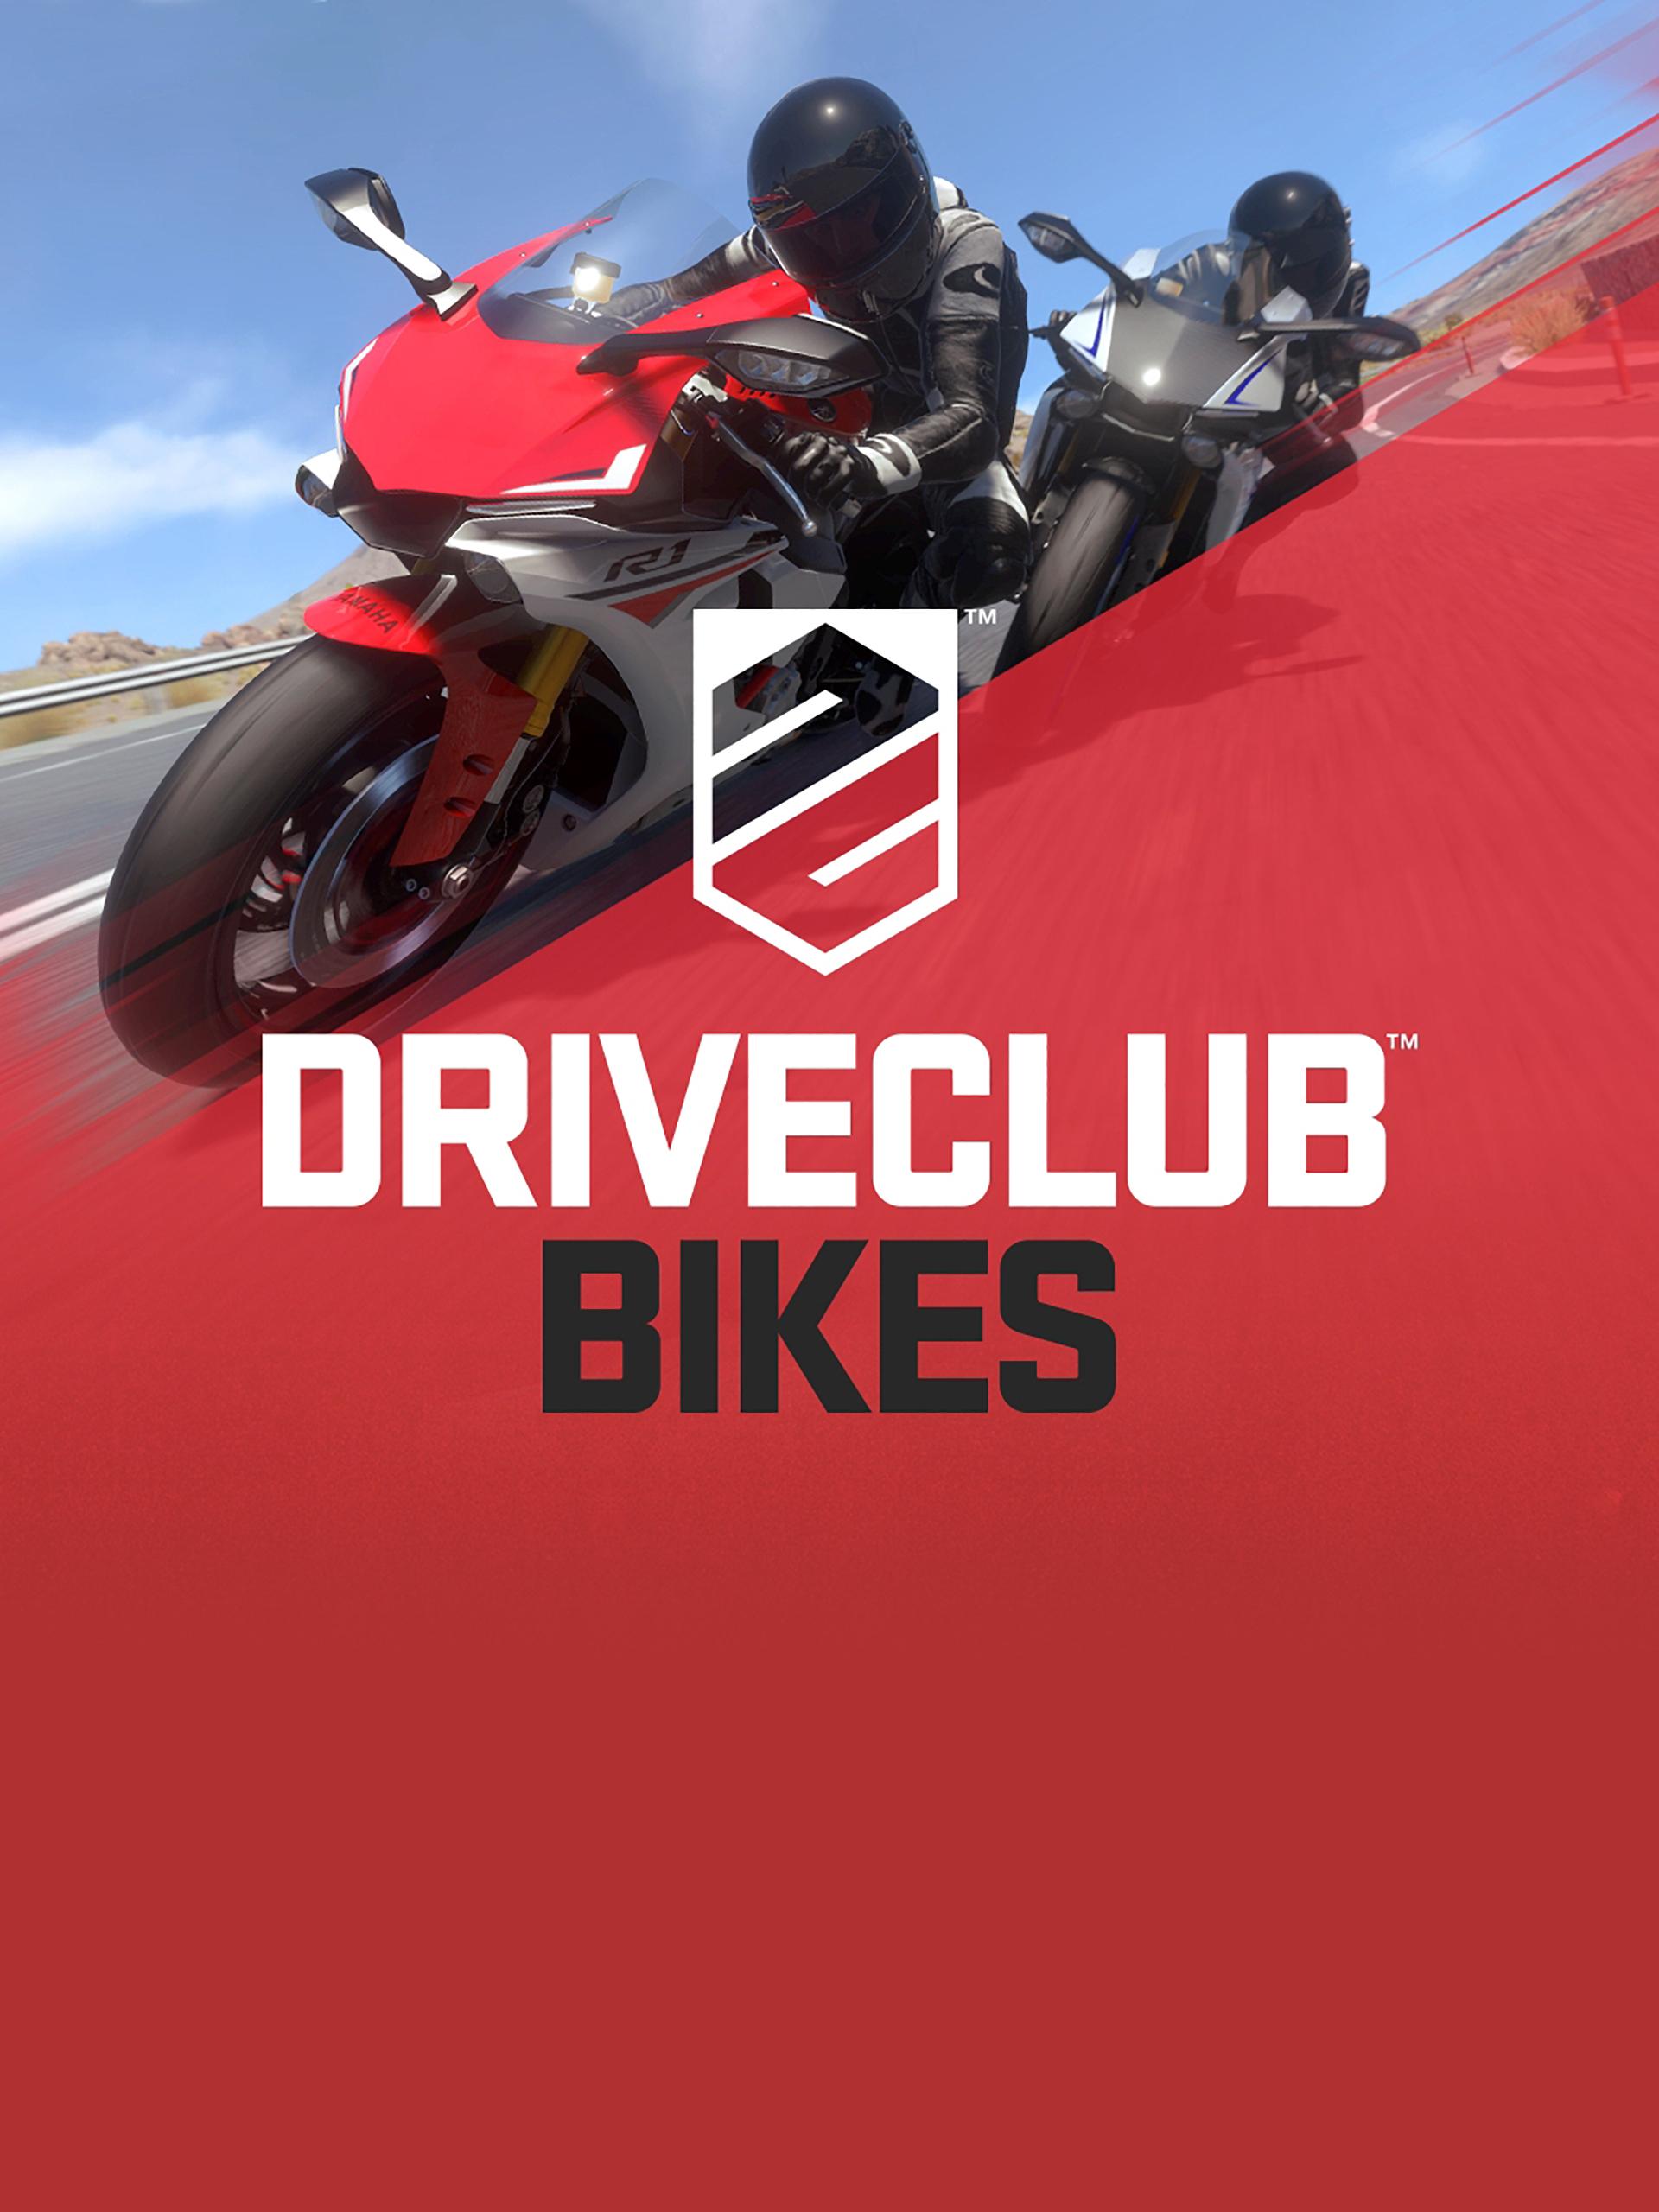 DriveClub Bikes 2 EDIT.jpg